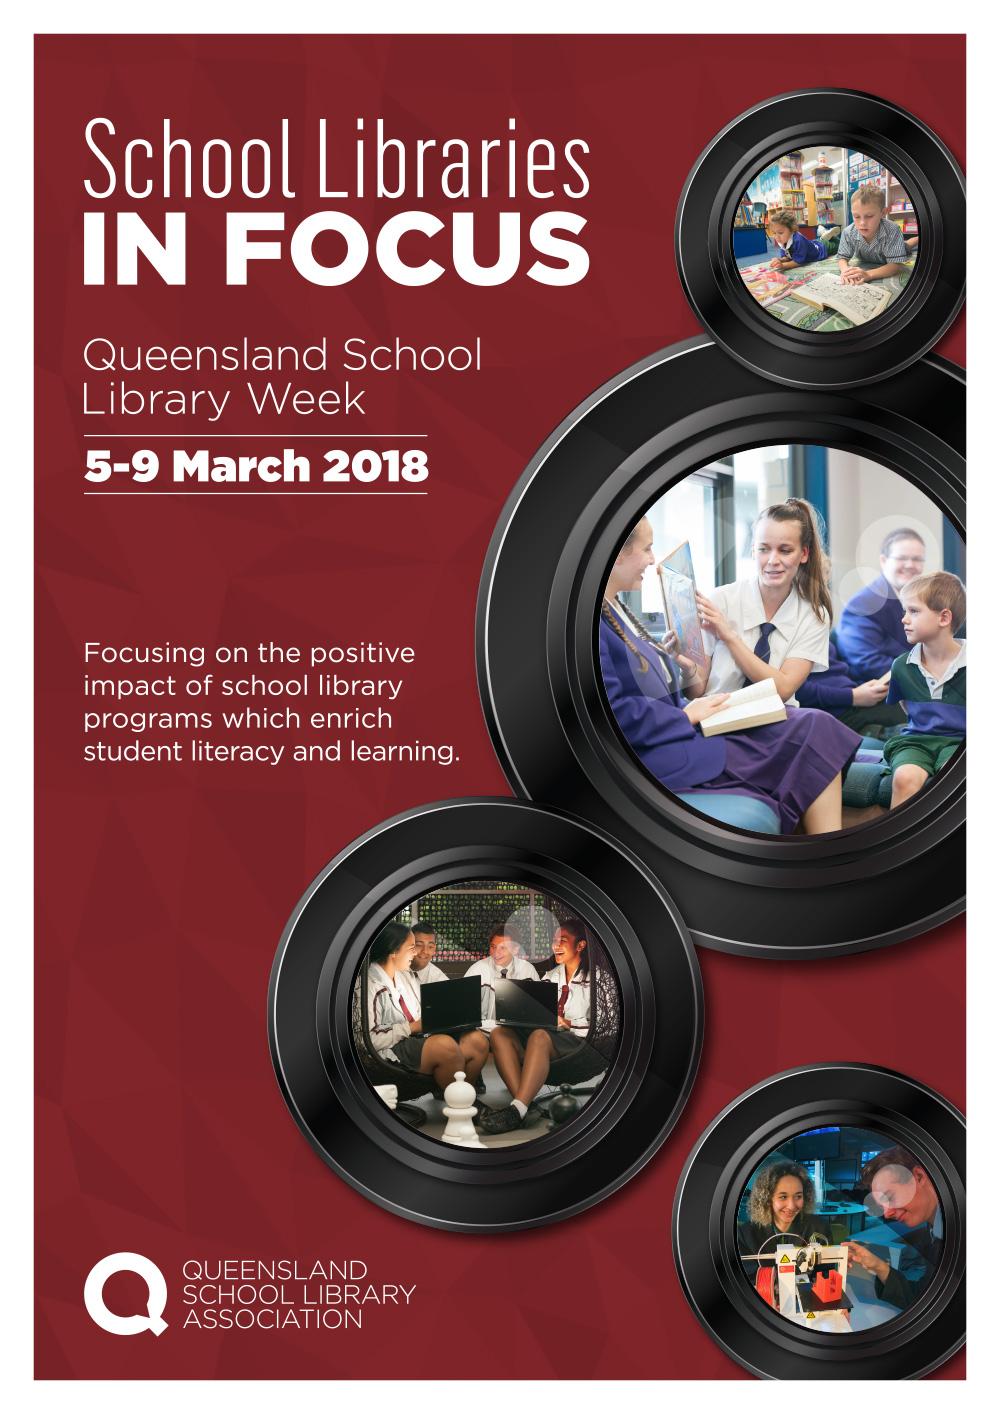 School-Libraries-in-Focus-Poster.jpg